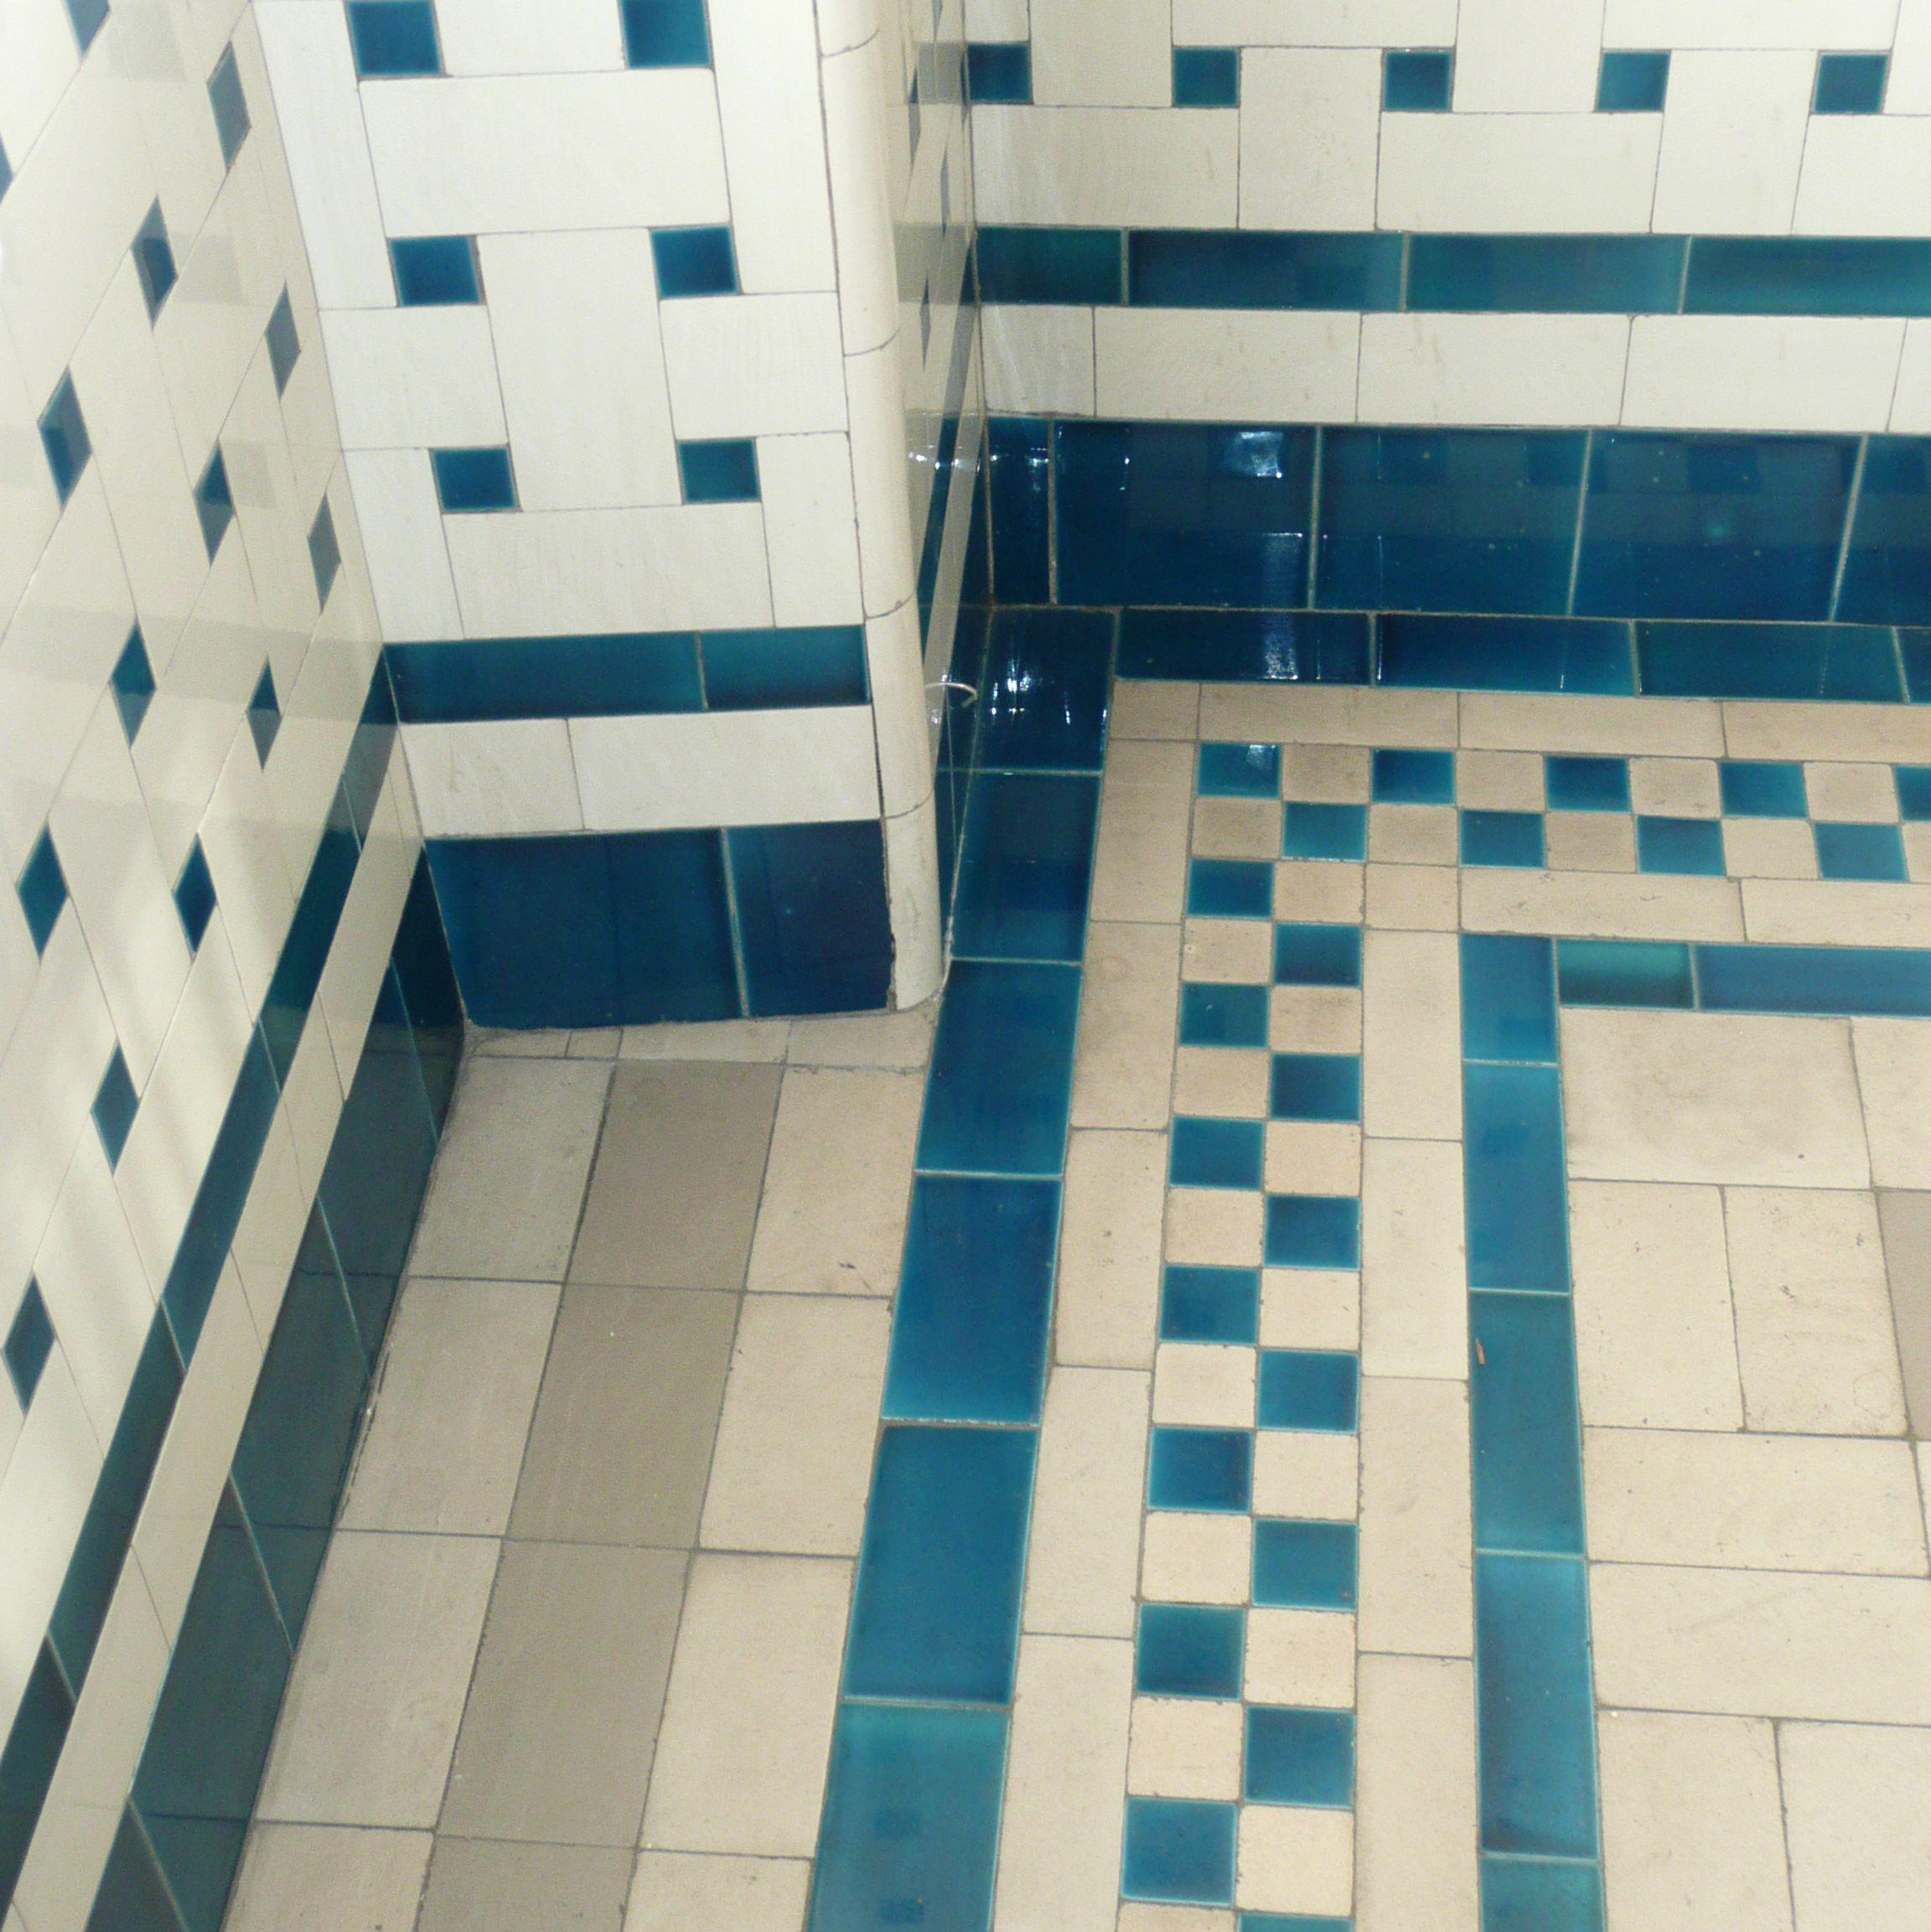 Les salles de bains du mus e nissim de camondo tous for Carrelage damier rouge et blanc